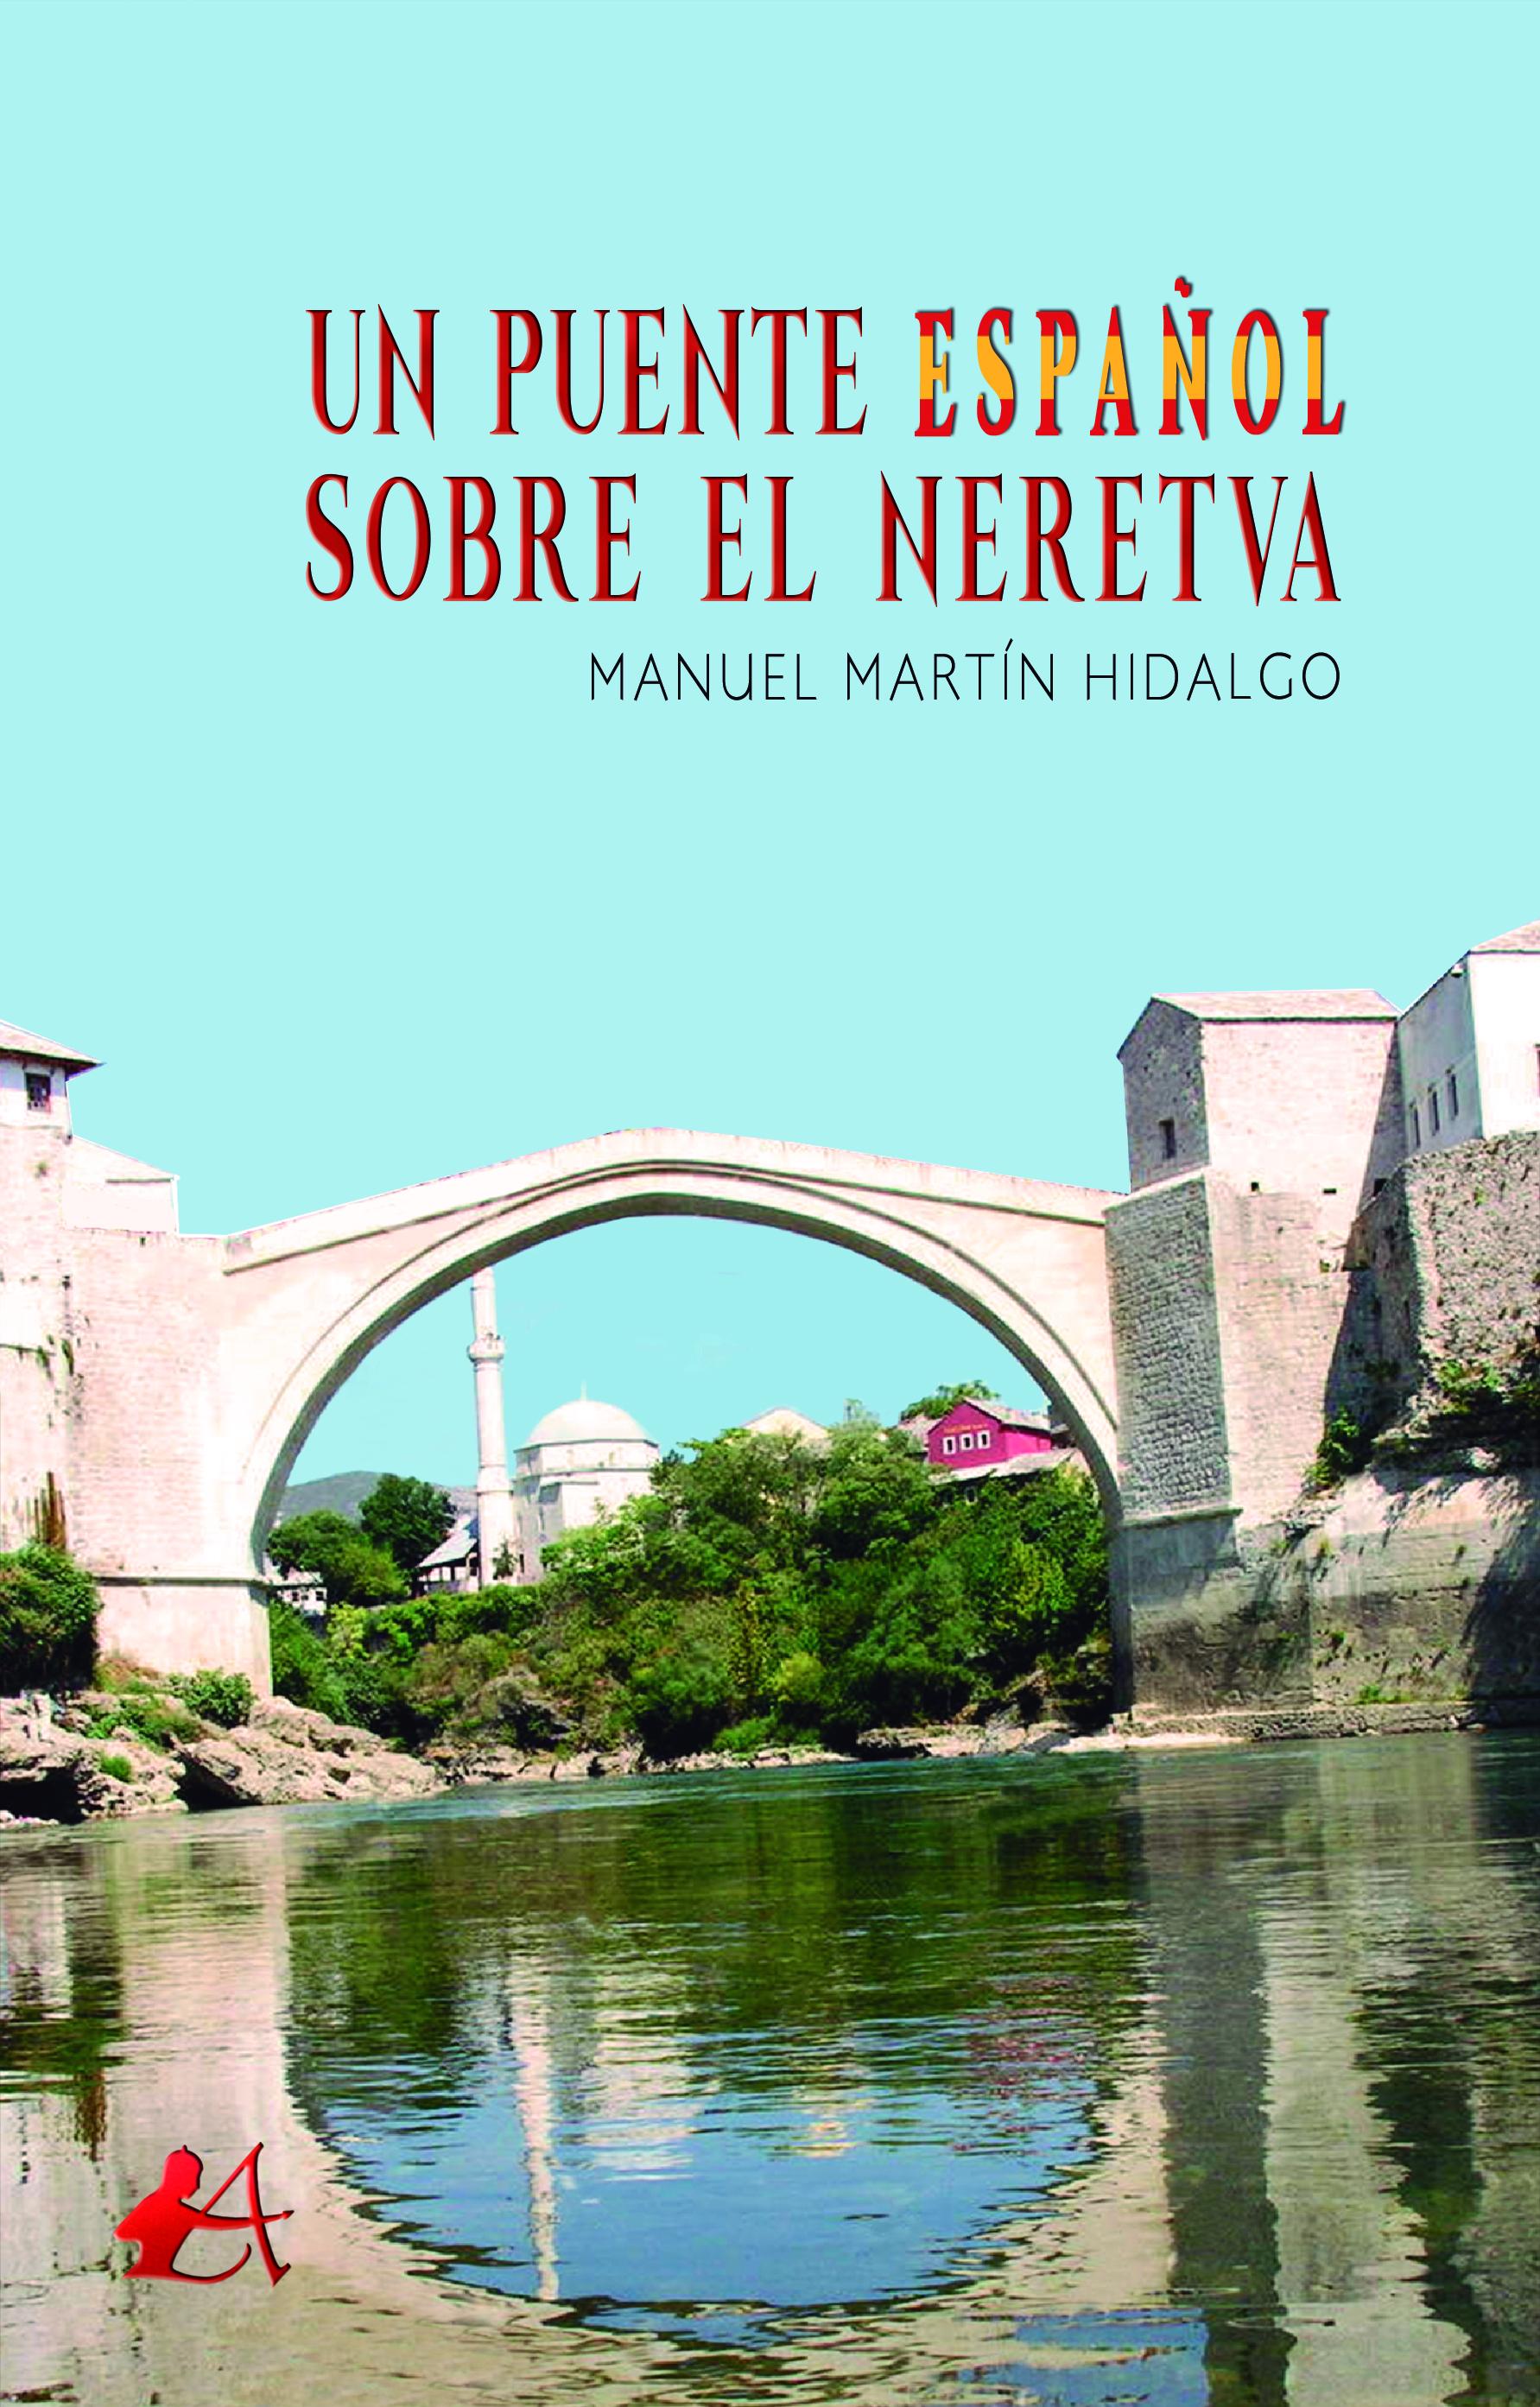 Portada del libro Un puente español sobre Neretva de Manuel Martín Hidalgo. Escritores de hoy, Promoción de autores